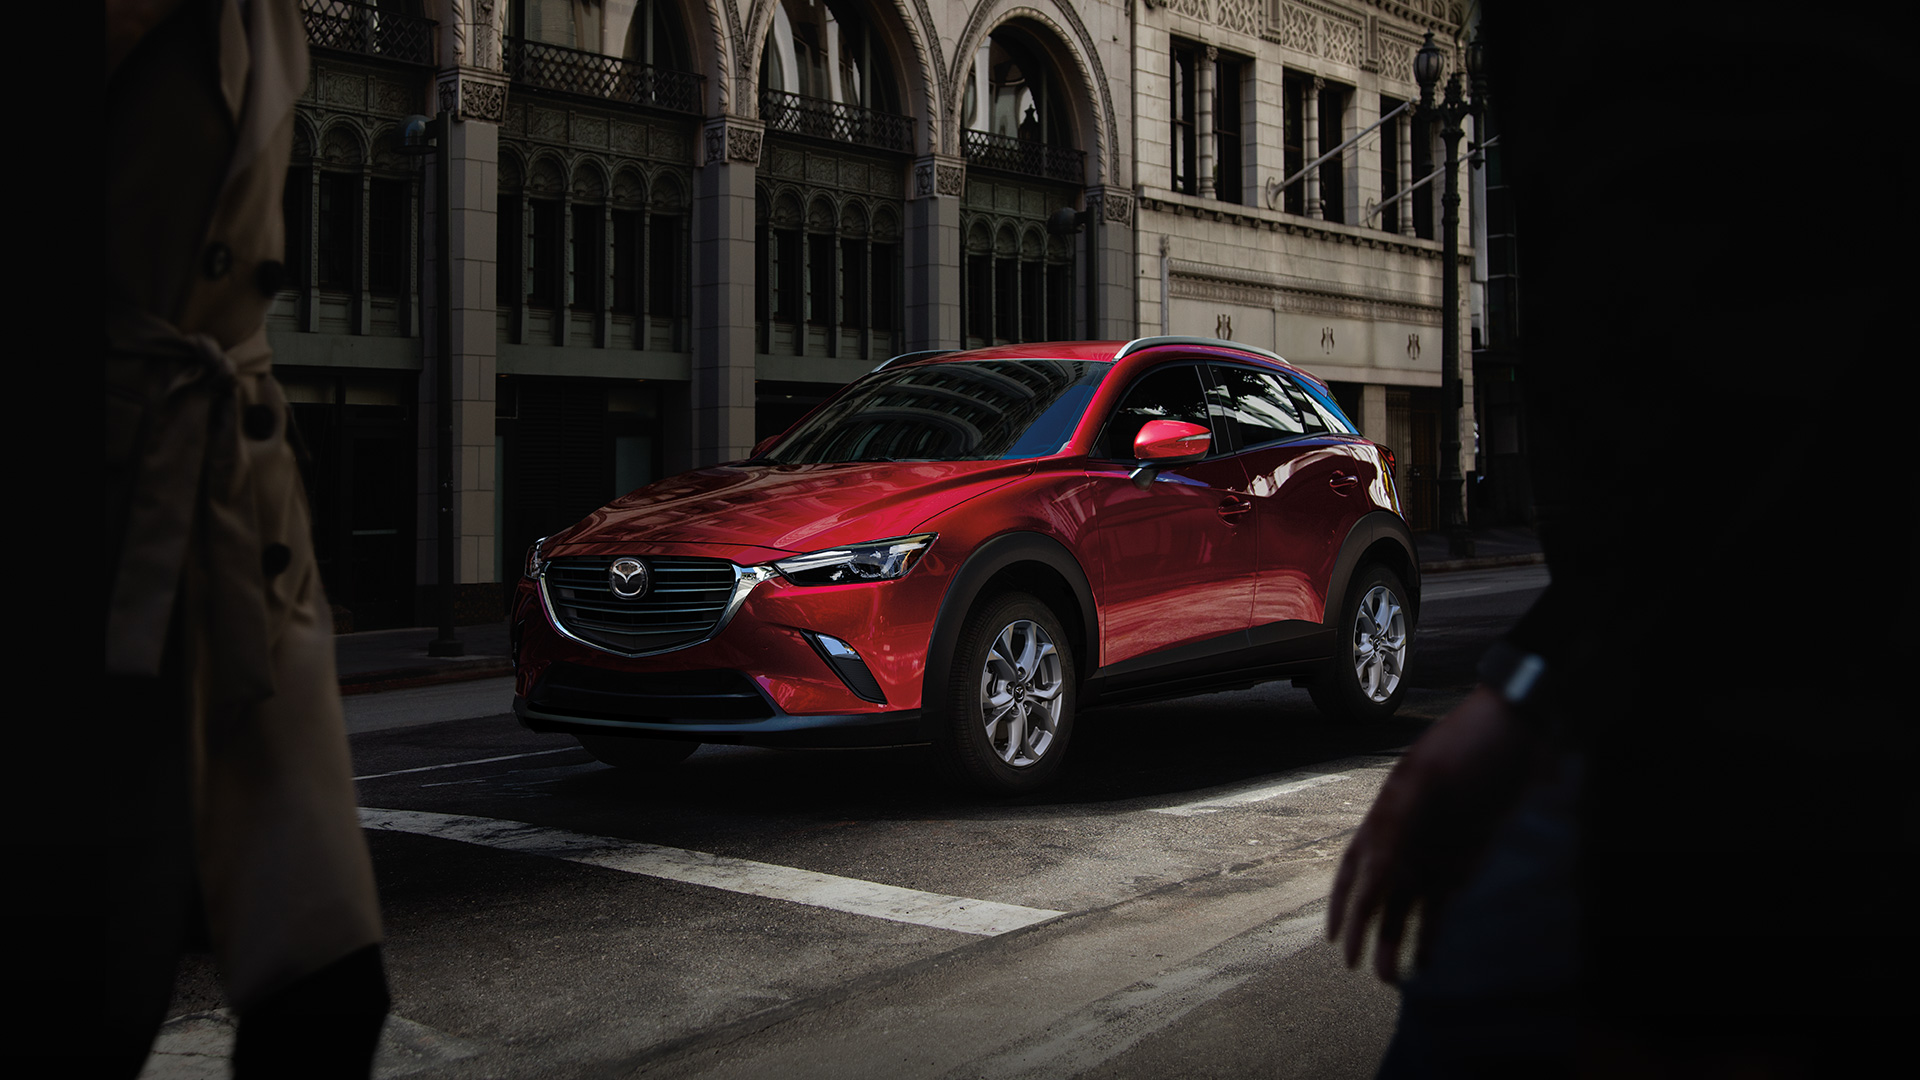 Red Mazda CX-3